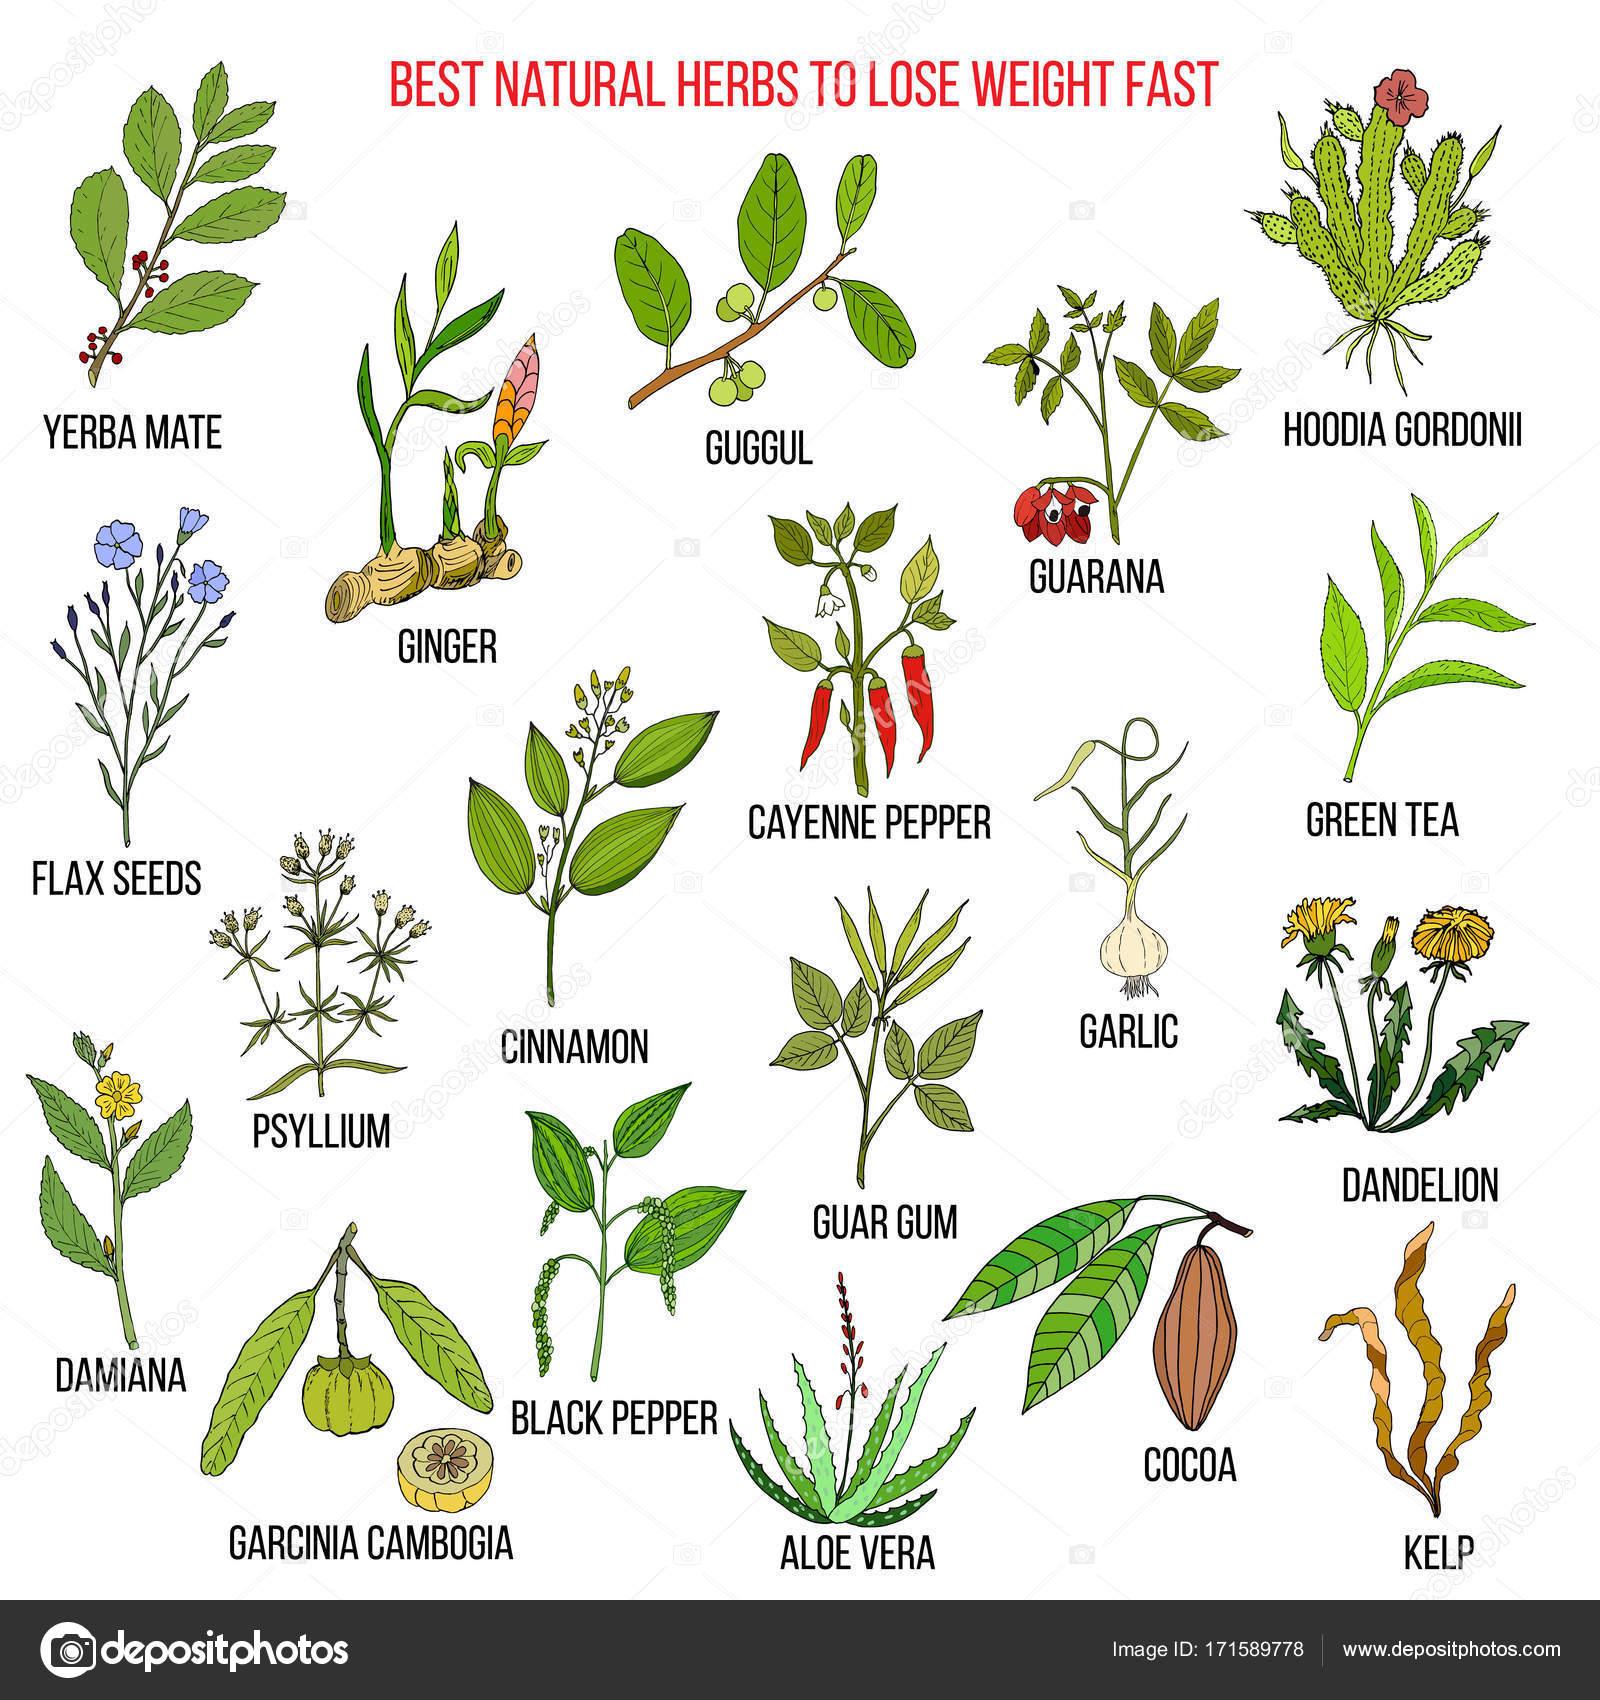 piante naturali per perdere peso